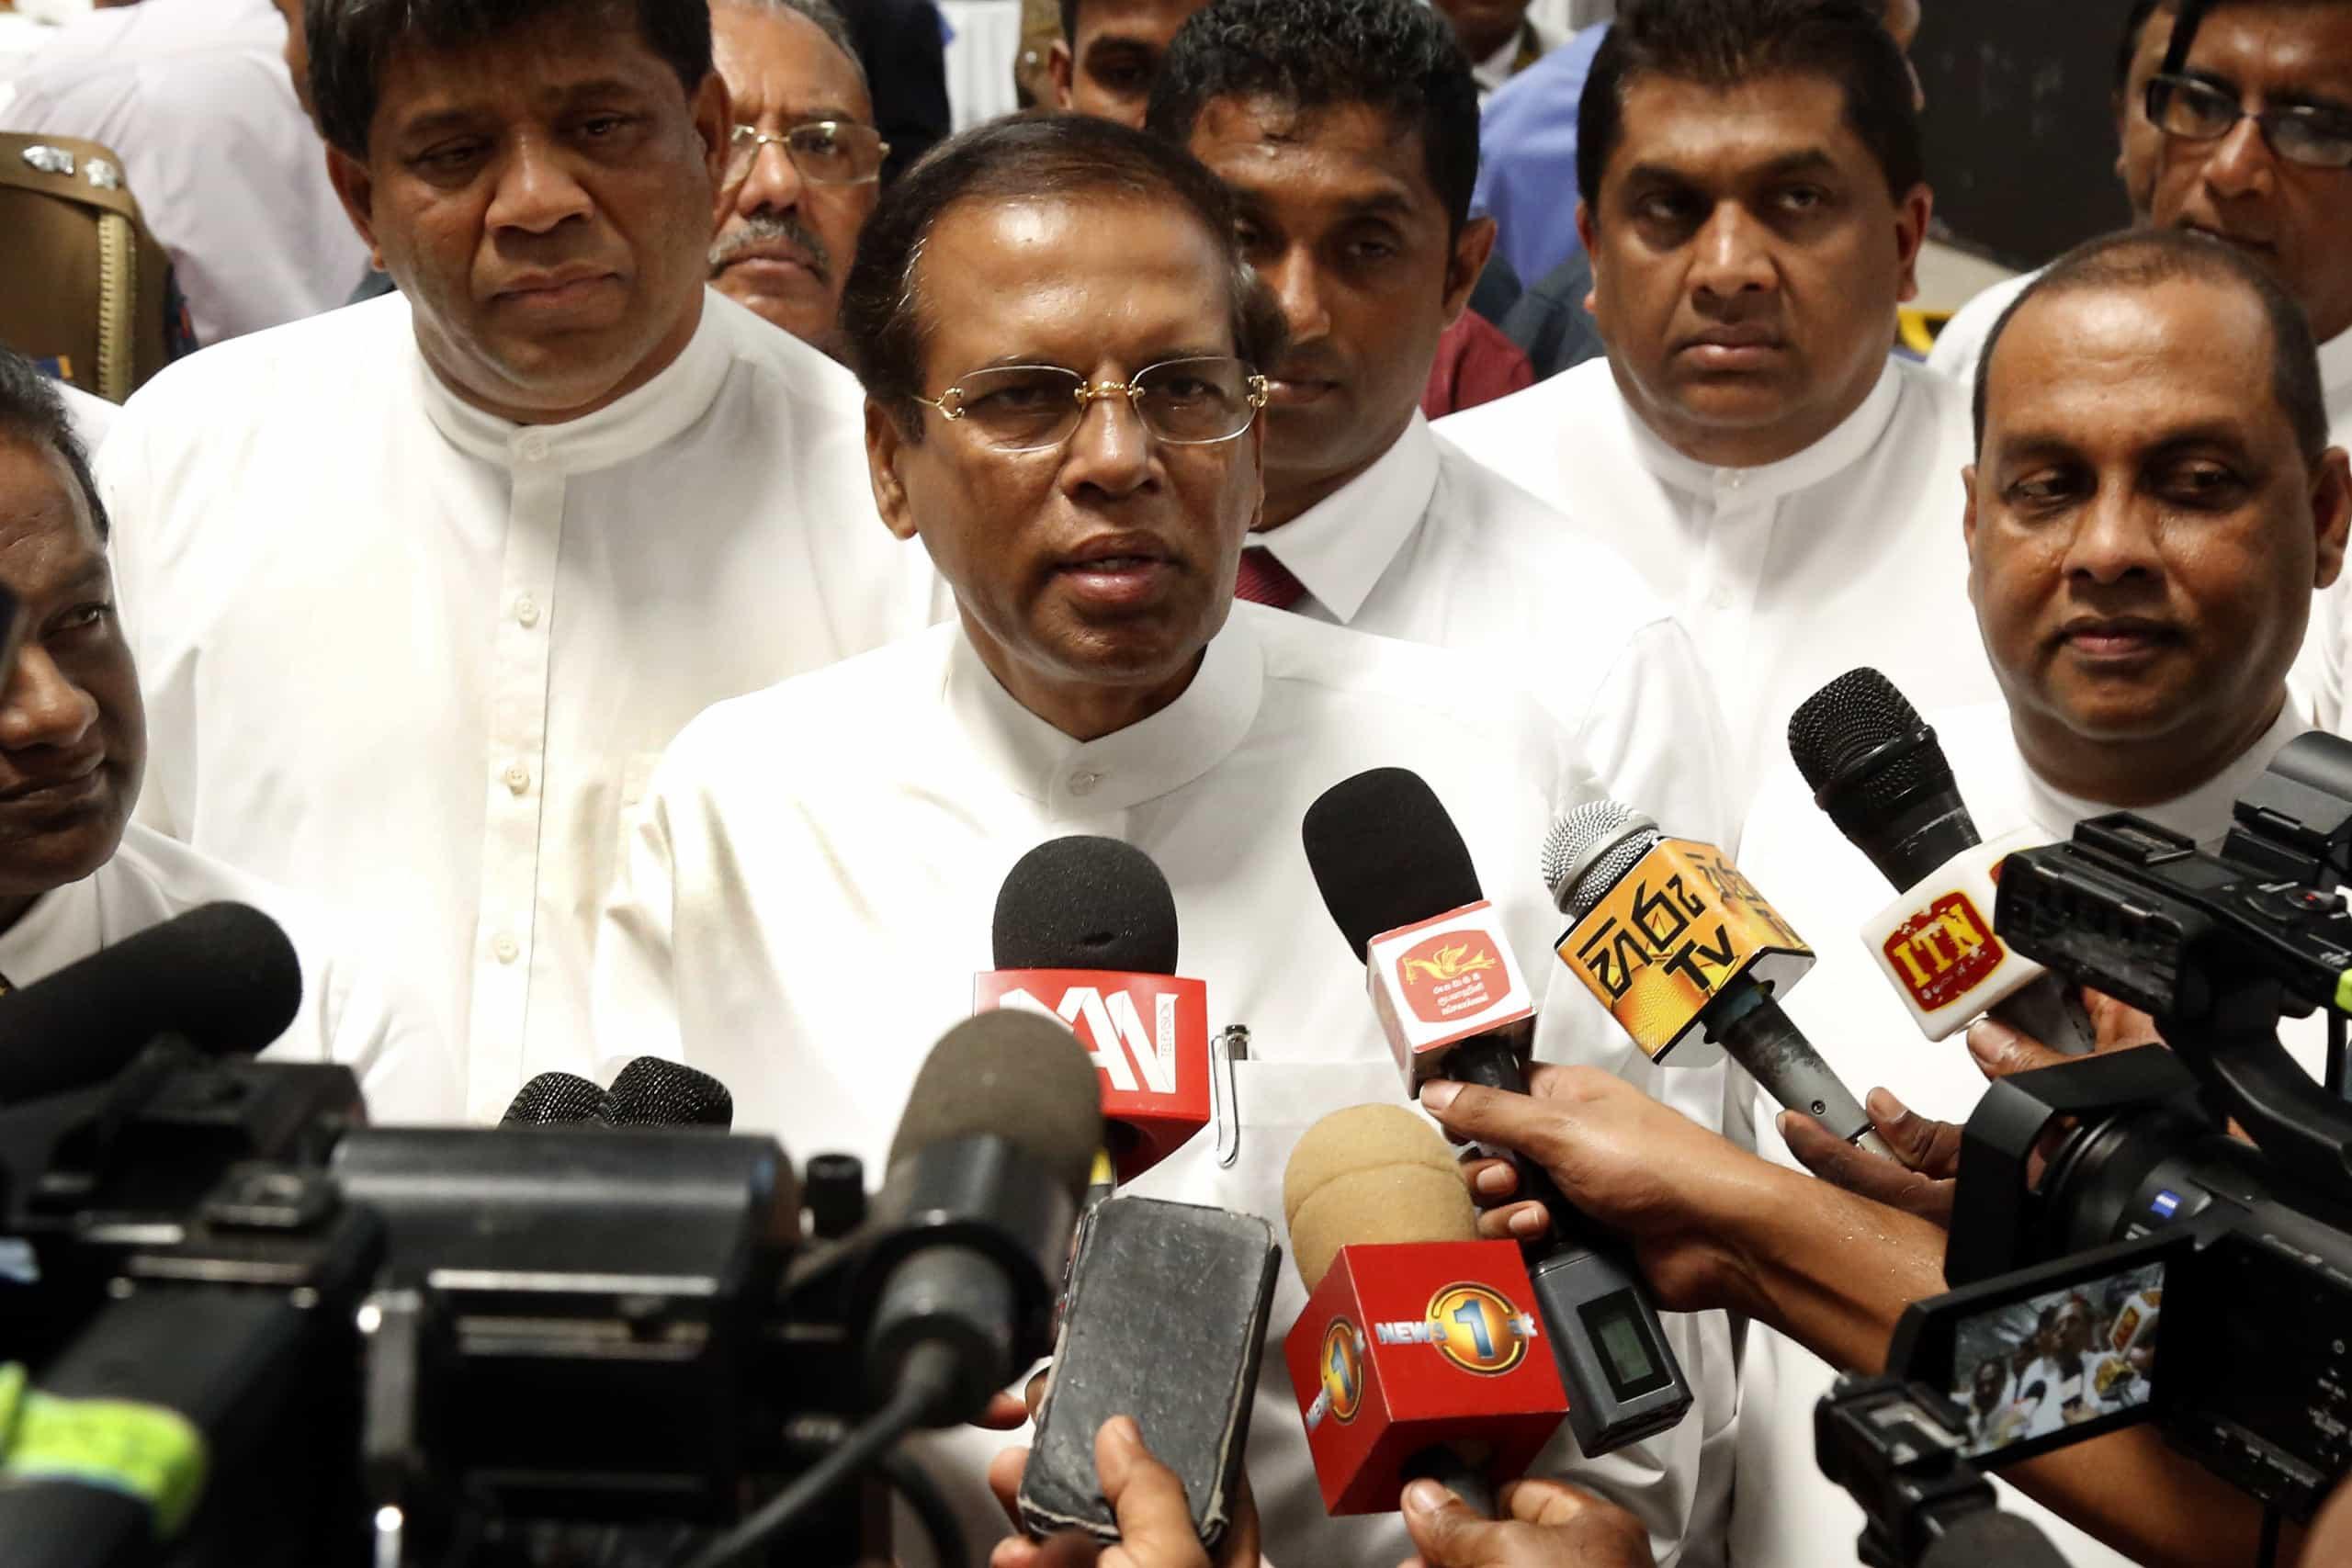 Presidente do Sri Lanka apela à calma após explosões no país